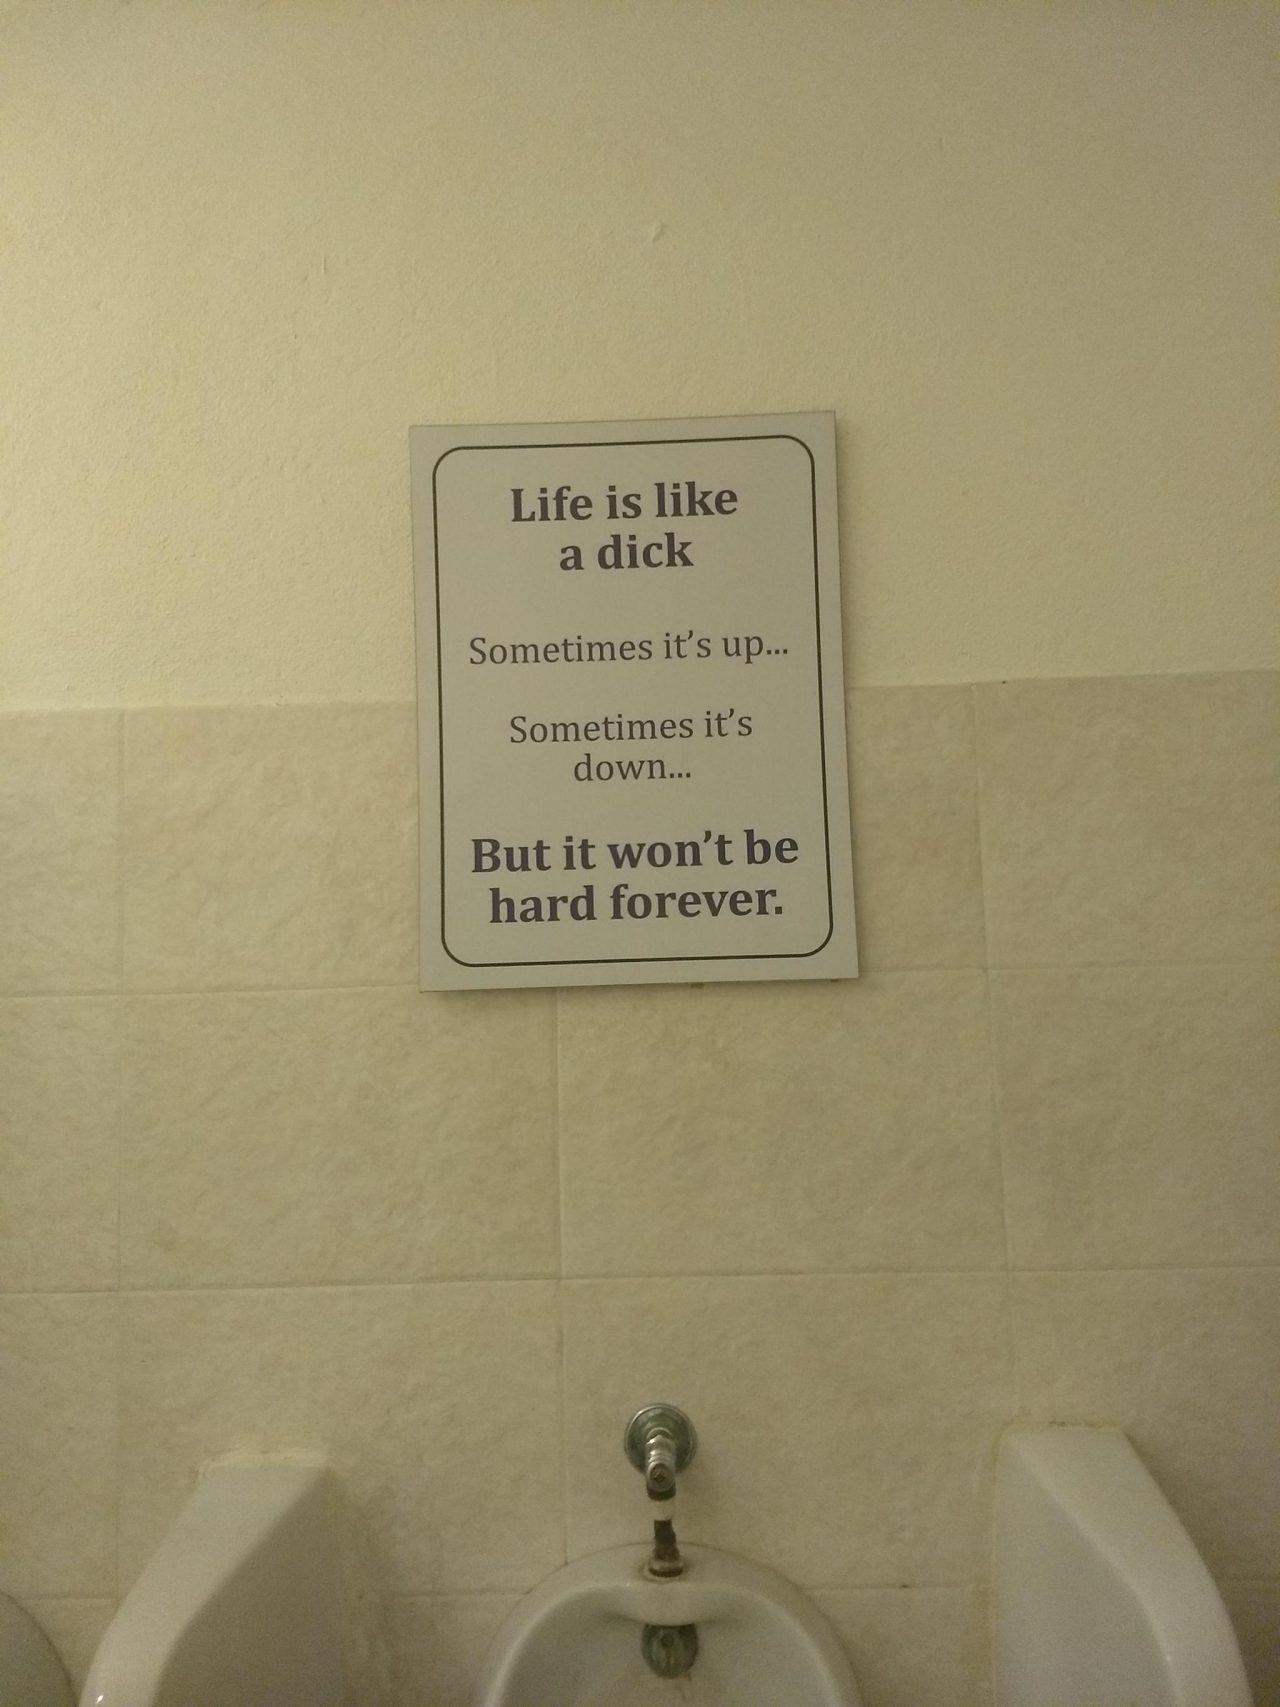 La vida es como una pоllа